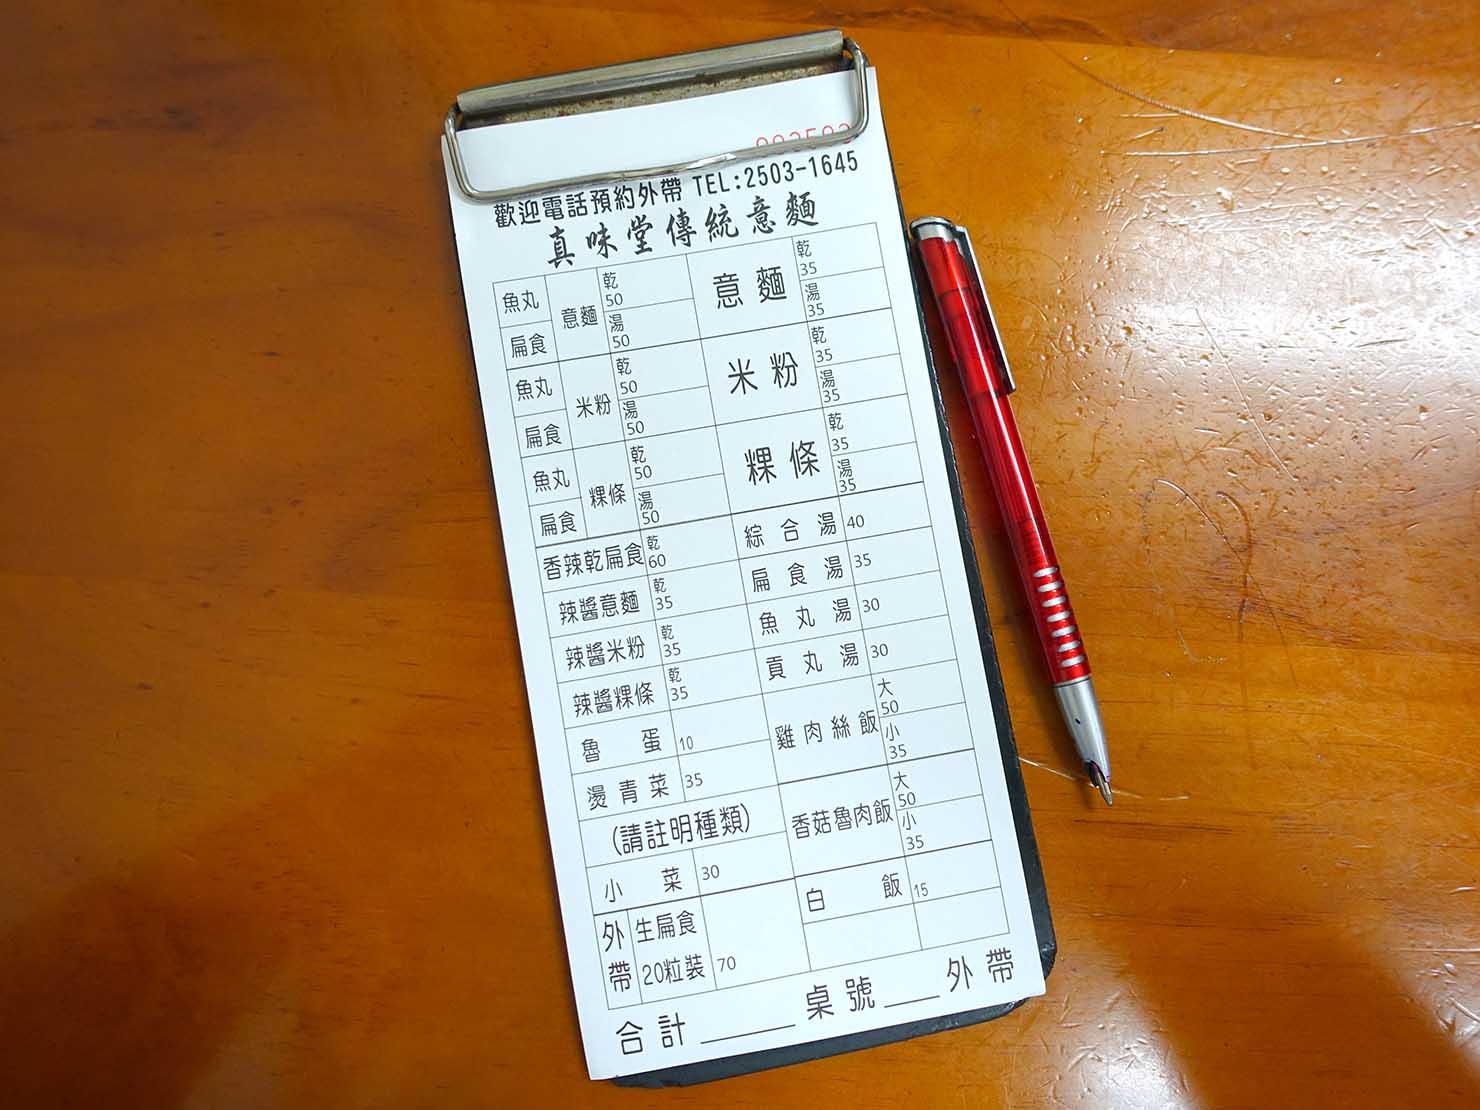 台北・行天宮のおすすめグルメ店「真味堂傳統意麵」のメニュー